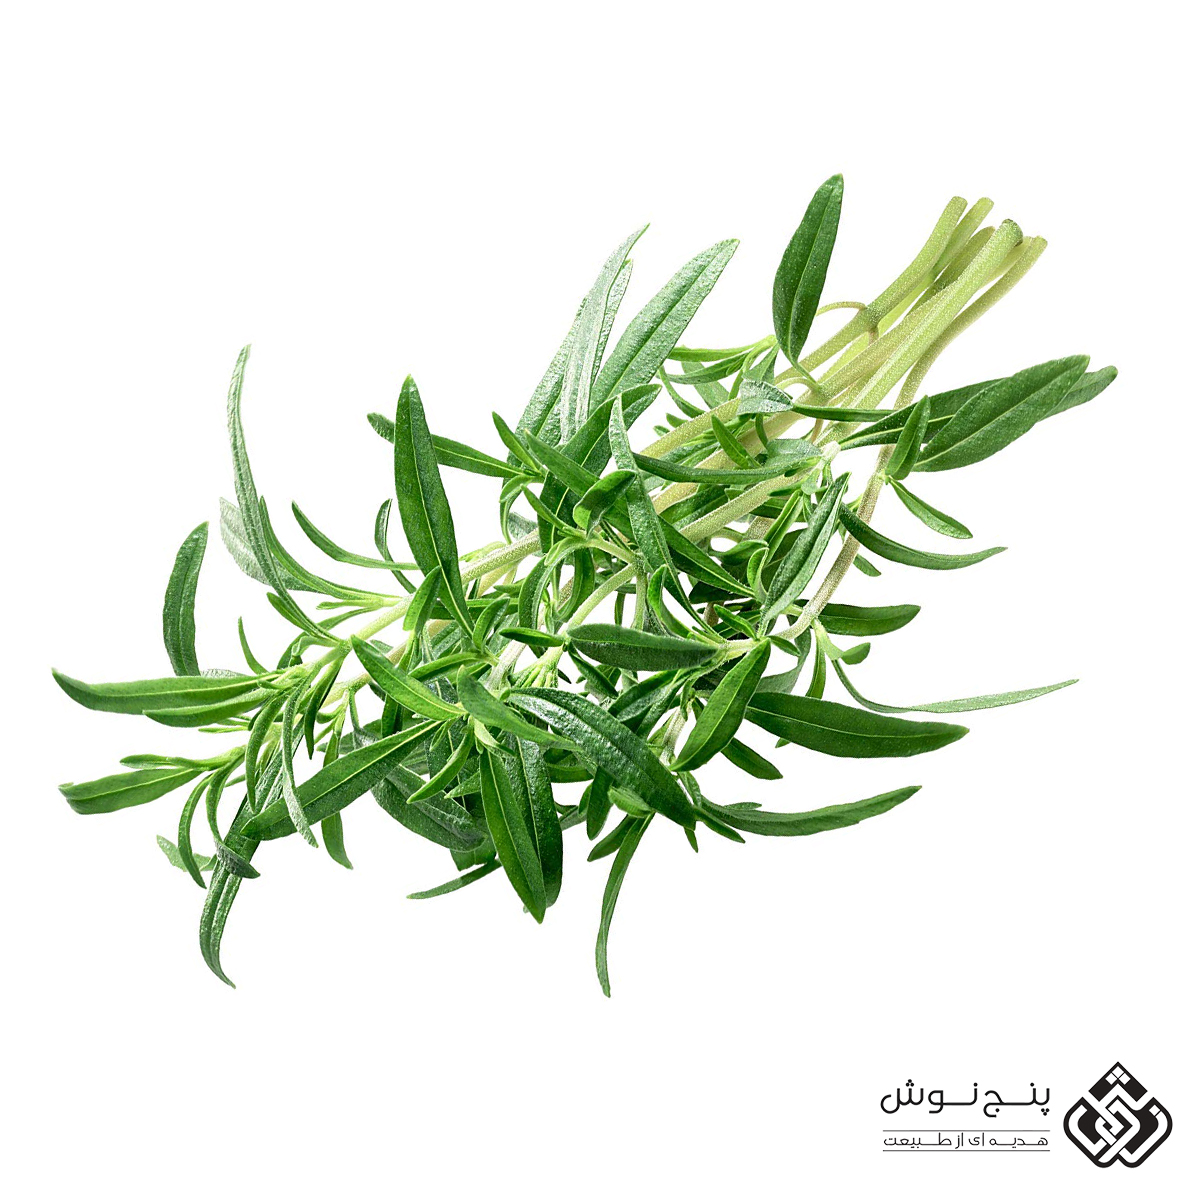 گیاه مفید مرزه خوزستانی و خواص آن